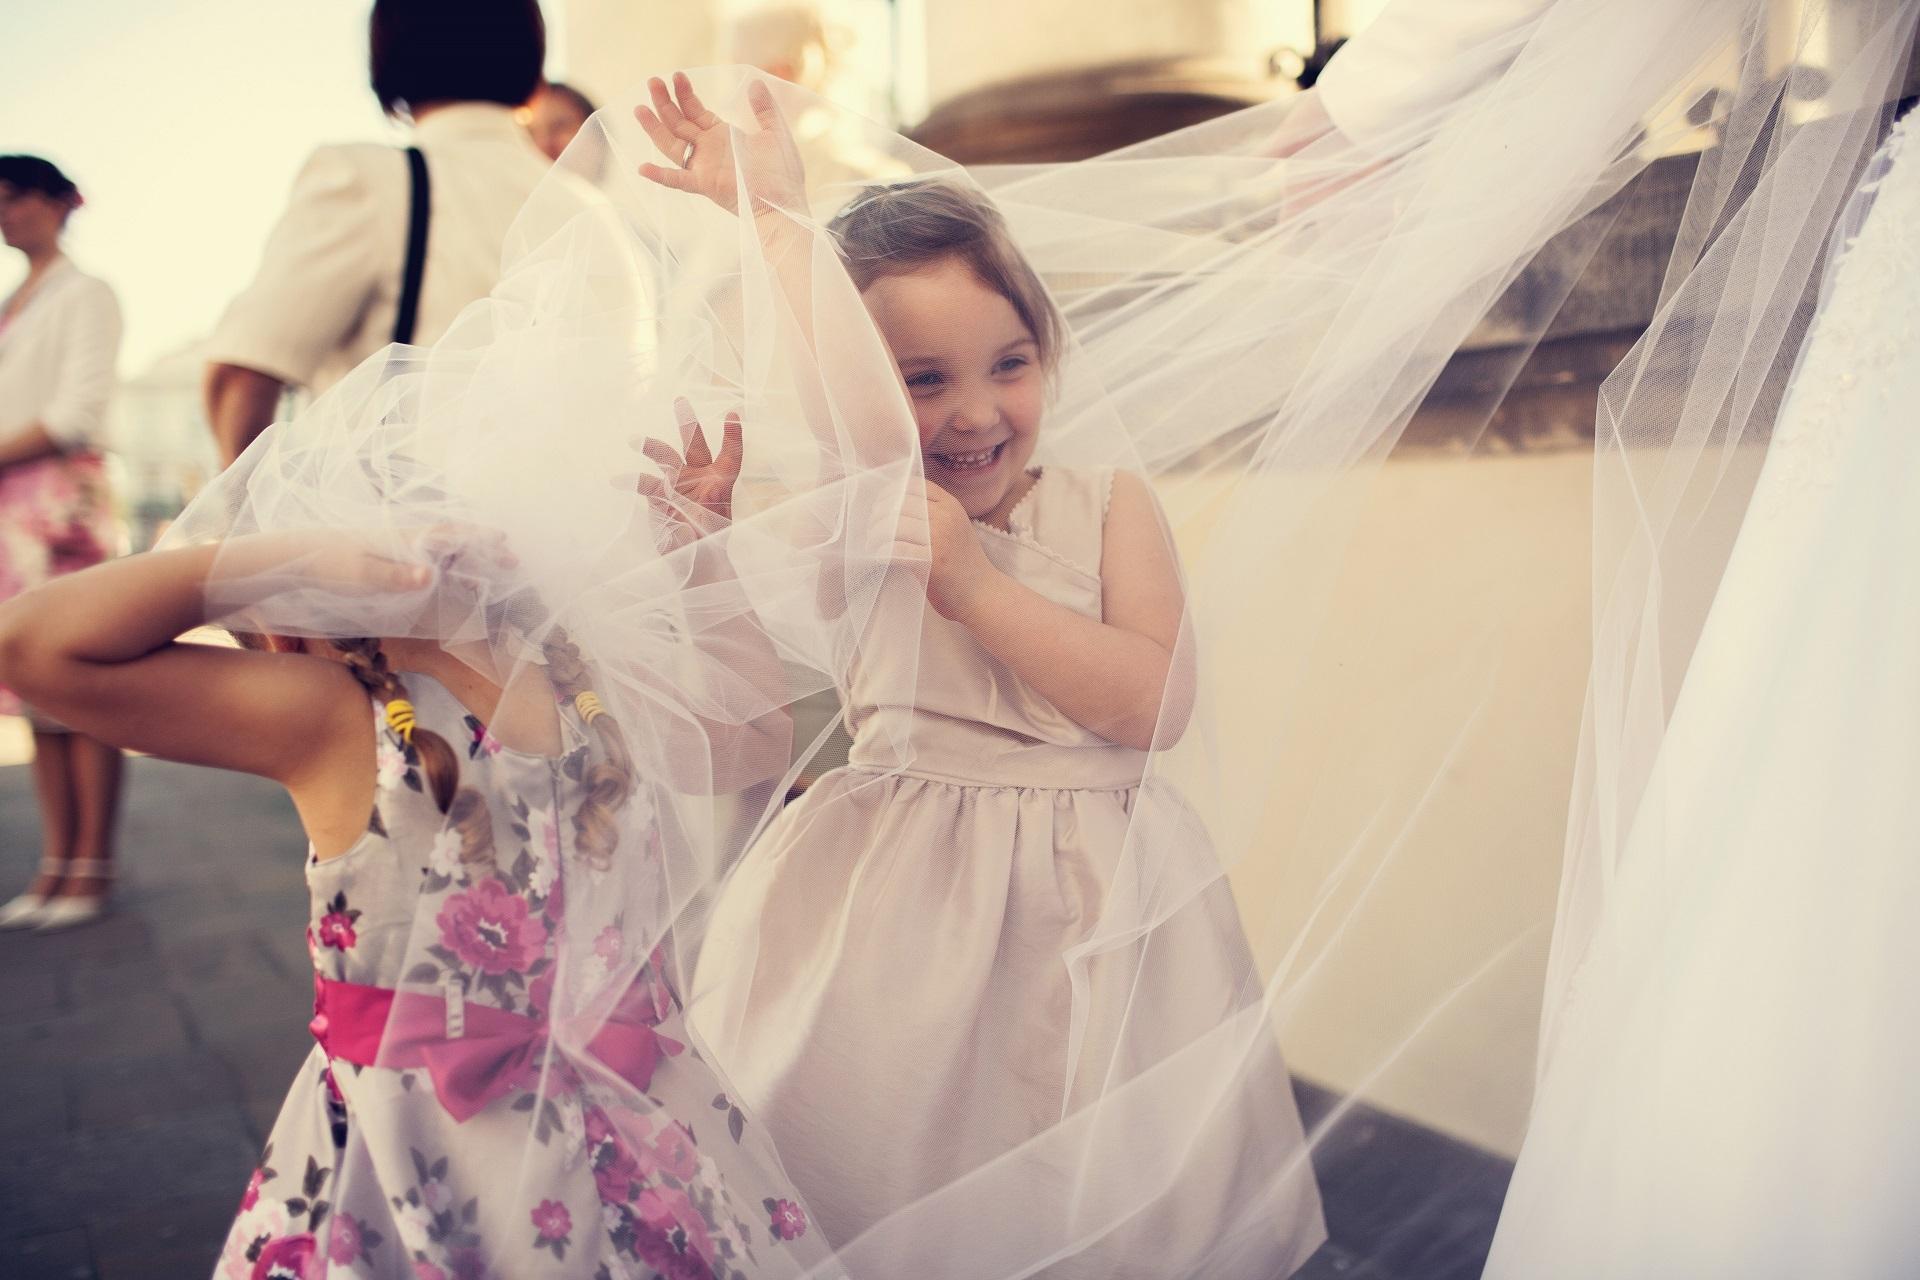 dzieci na weselu, dzieci bawiące się welonem podczas wesela